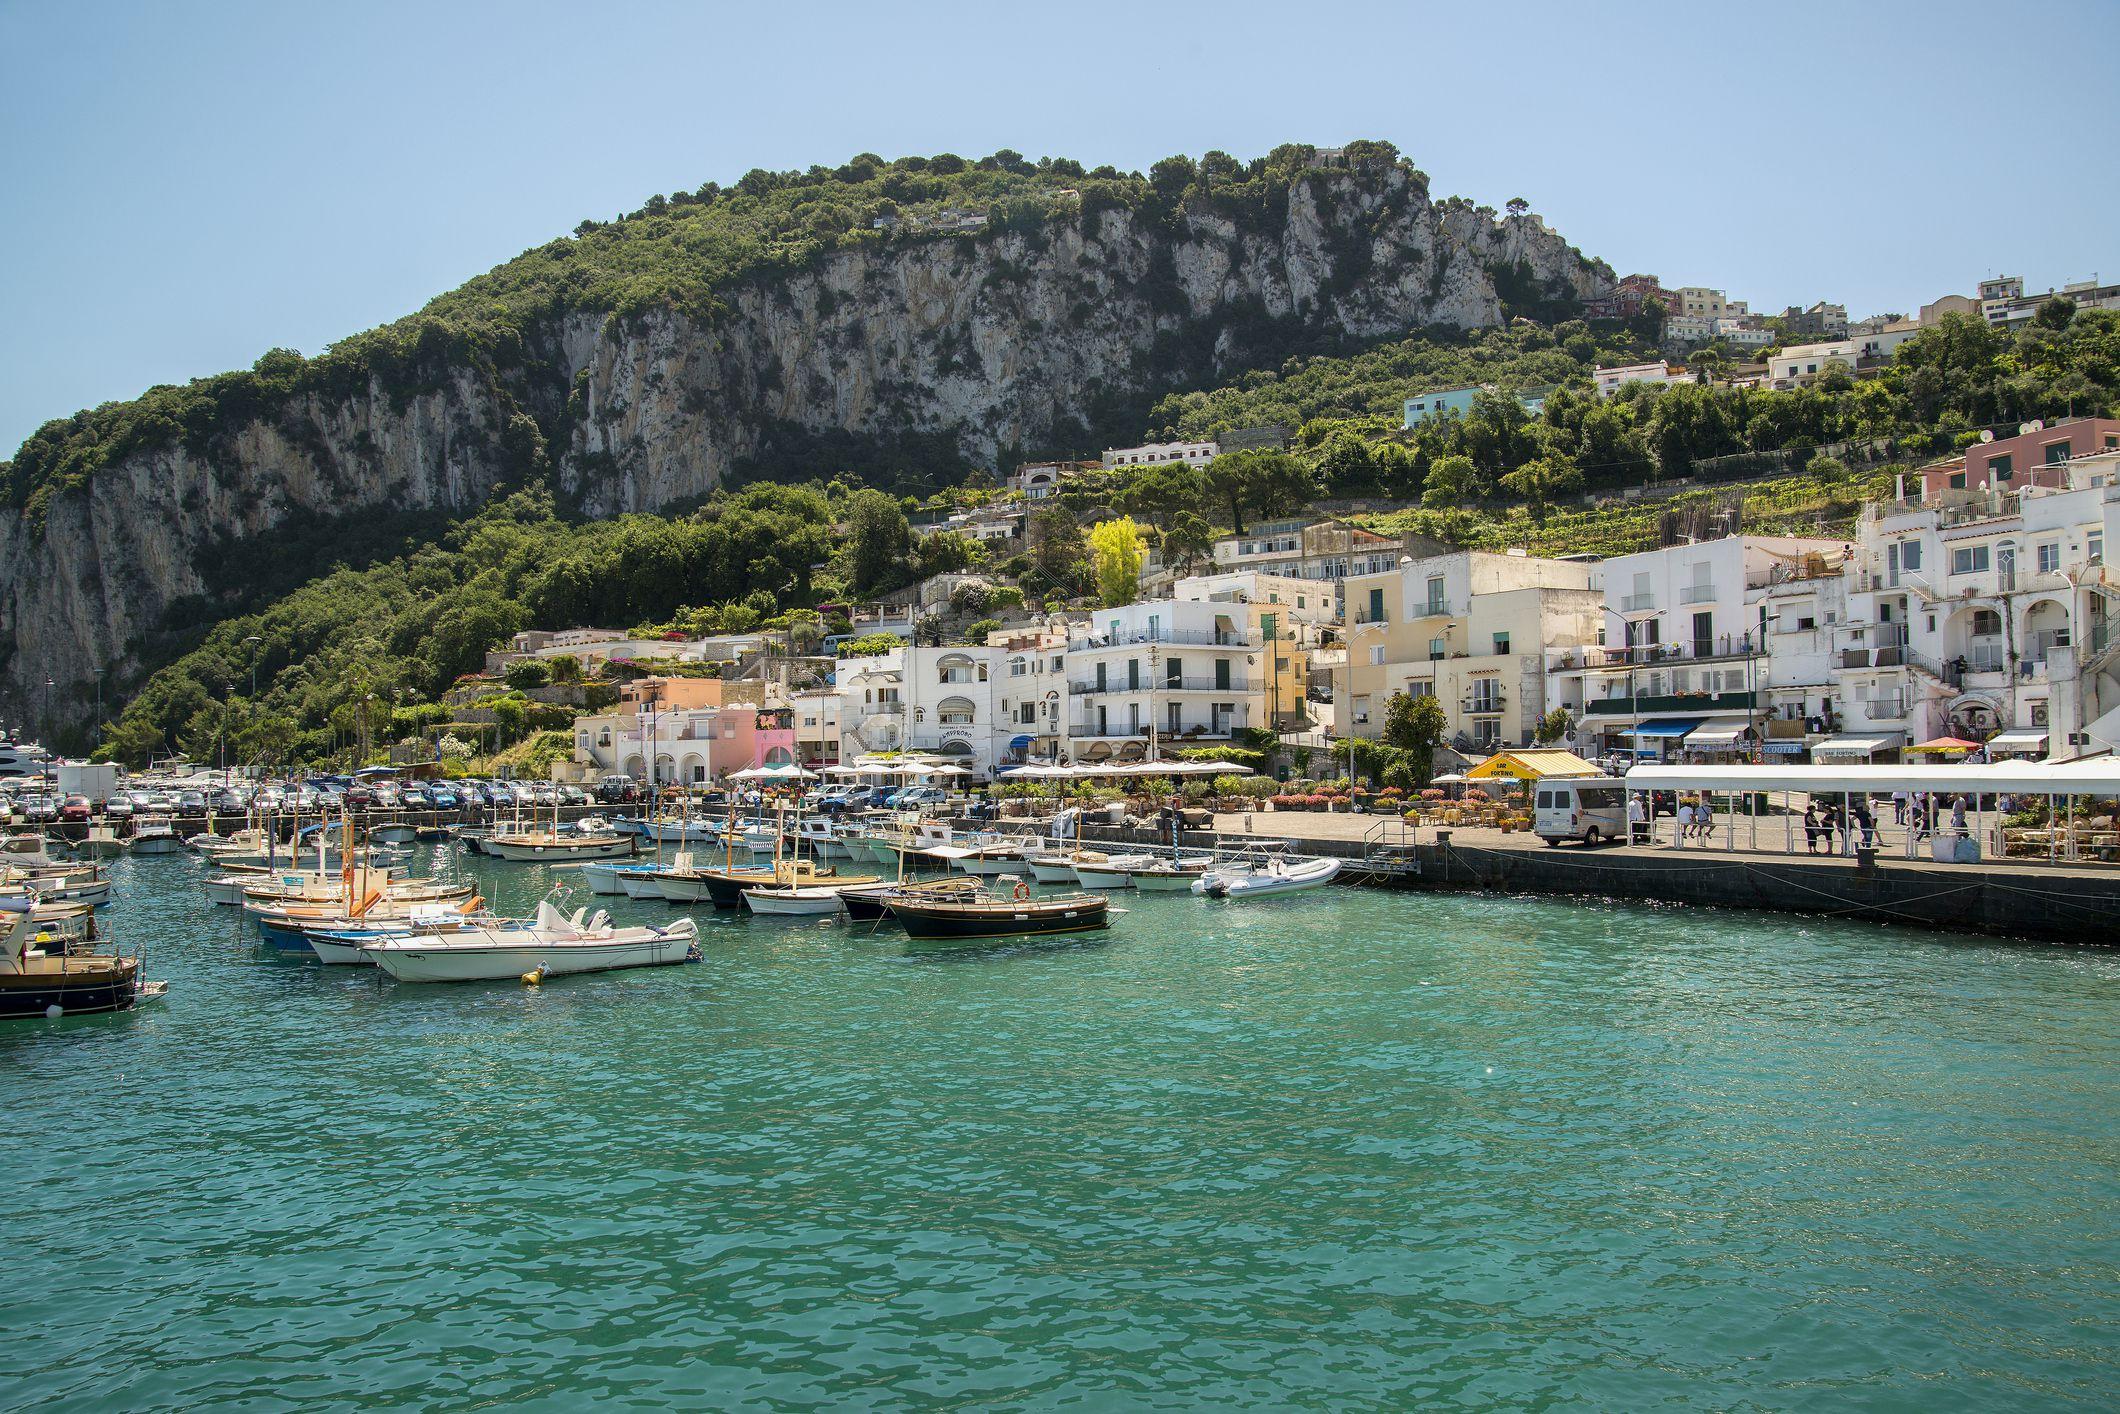 Capri Harbor, Campania, Italy